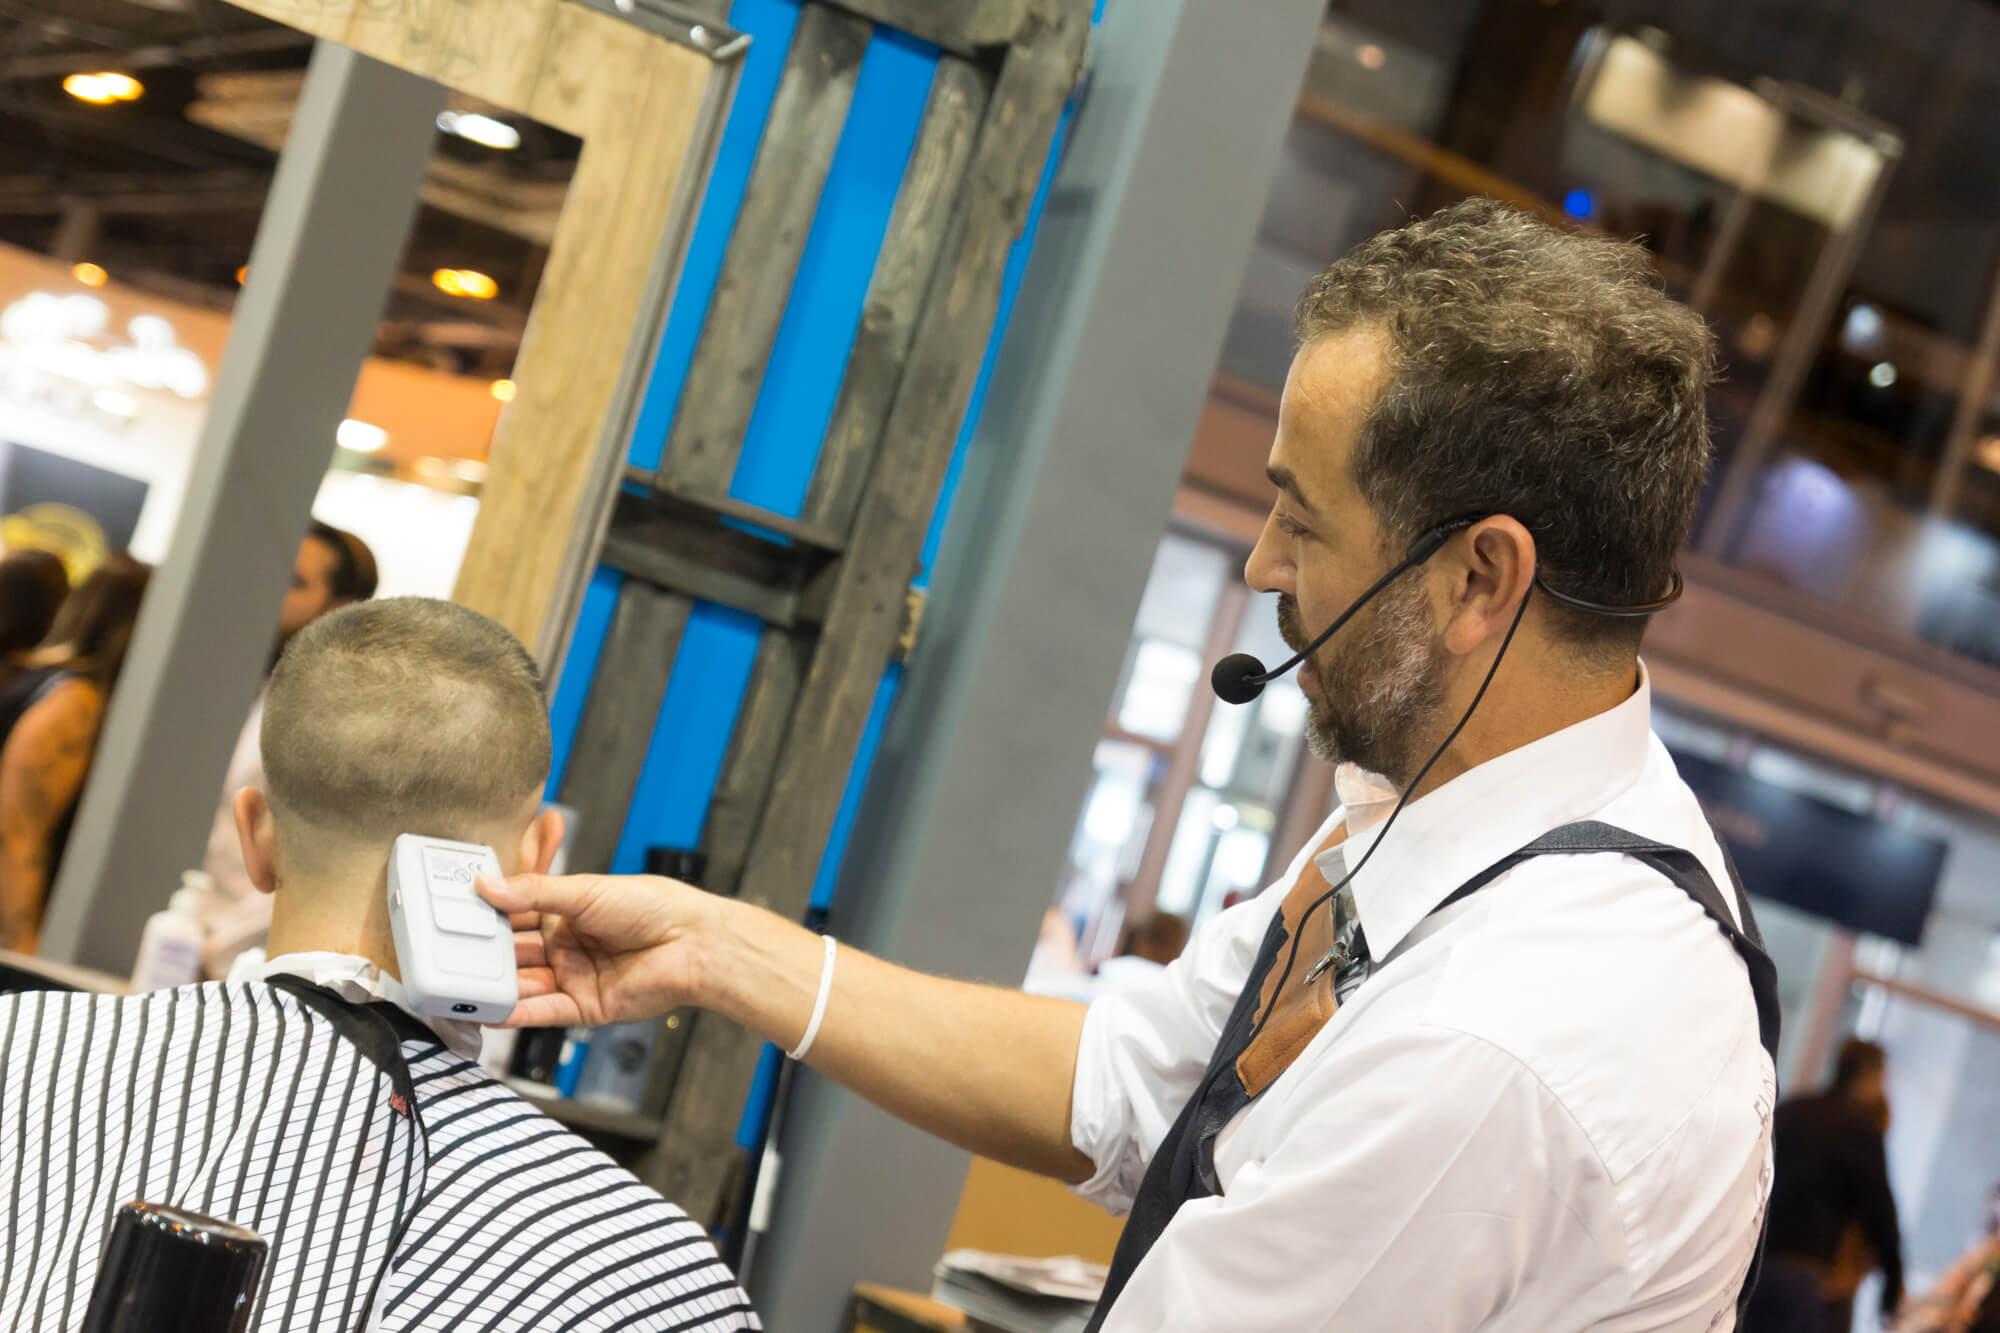 Máquina de afeitar bucanero en Salón Look Madrid